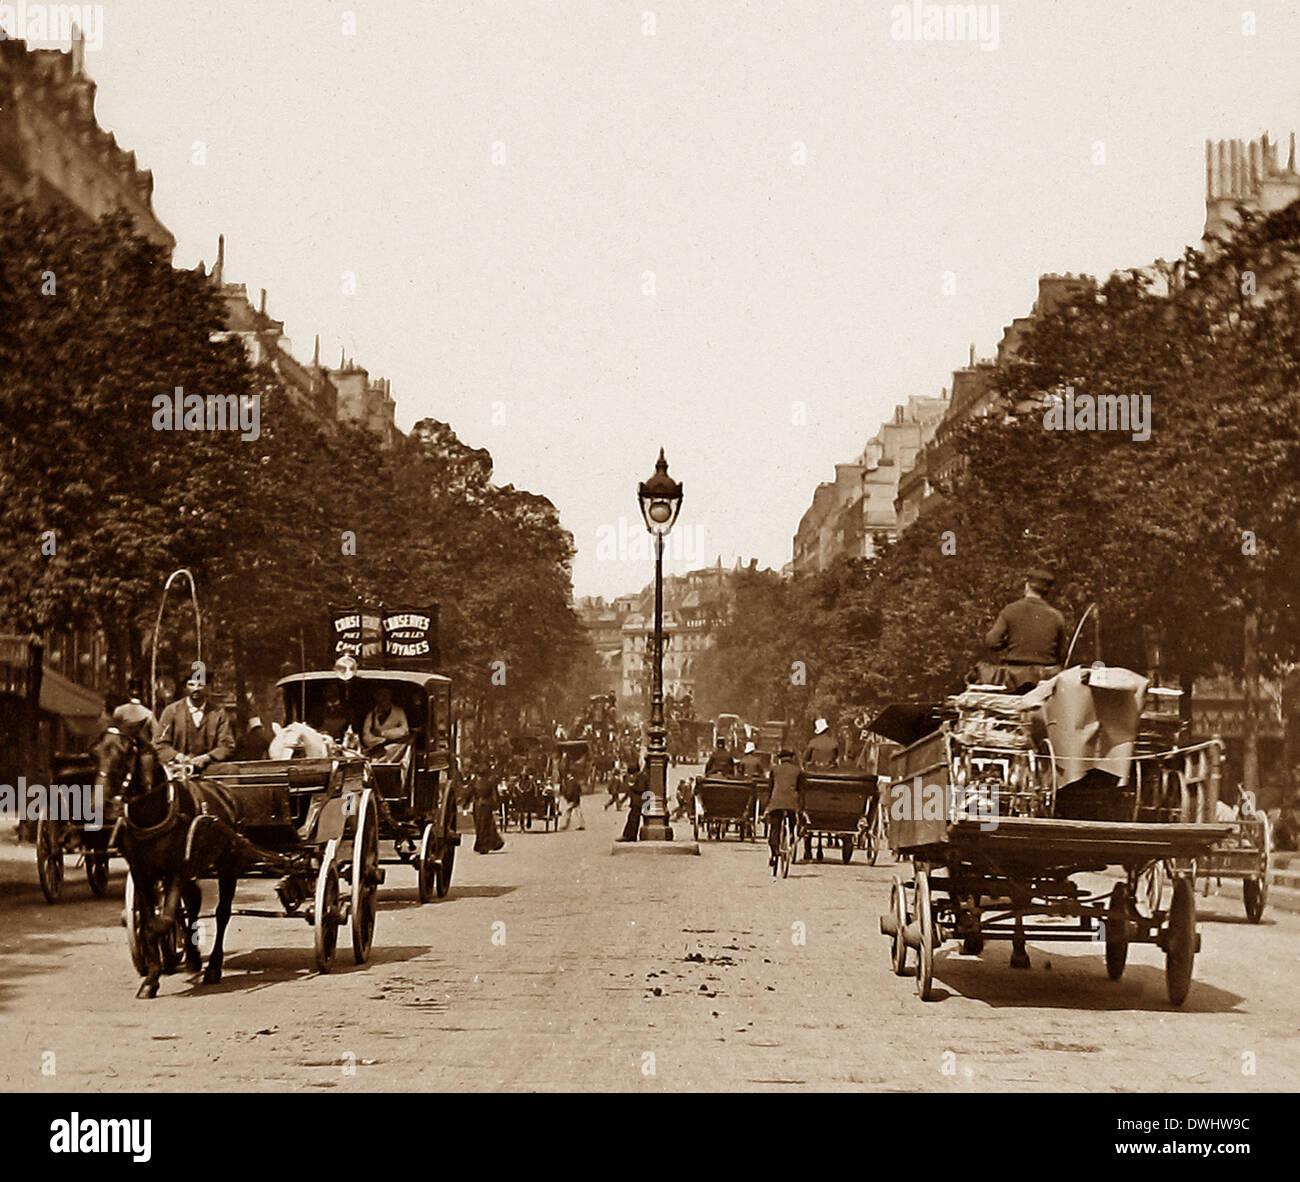 Paris pre-1900 - Stock Image